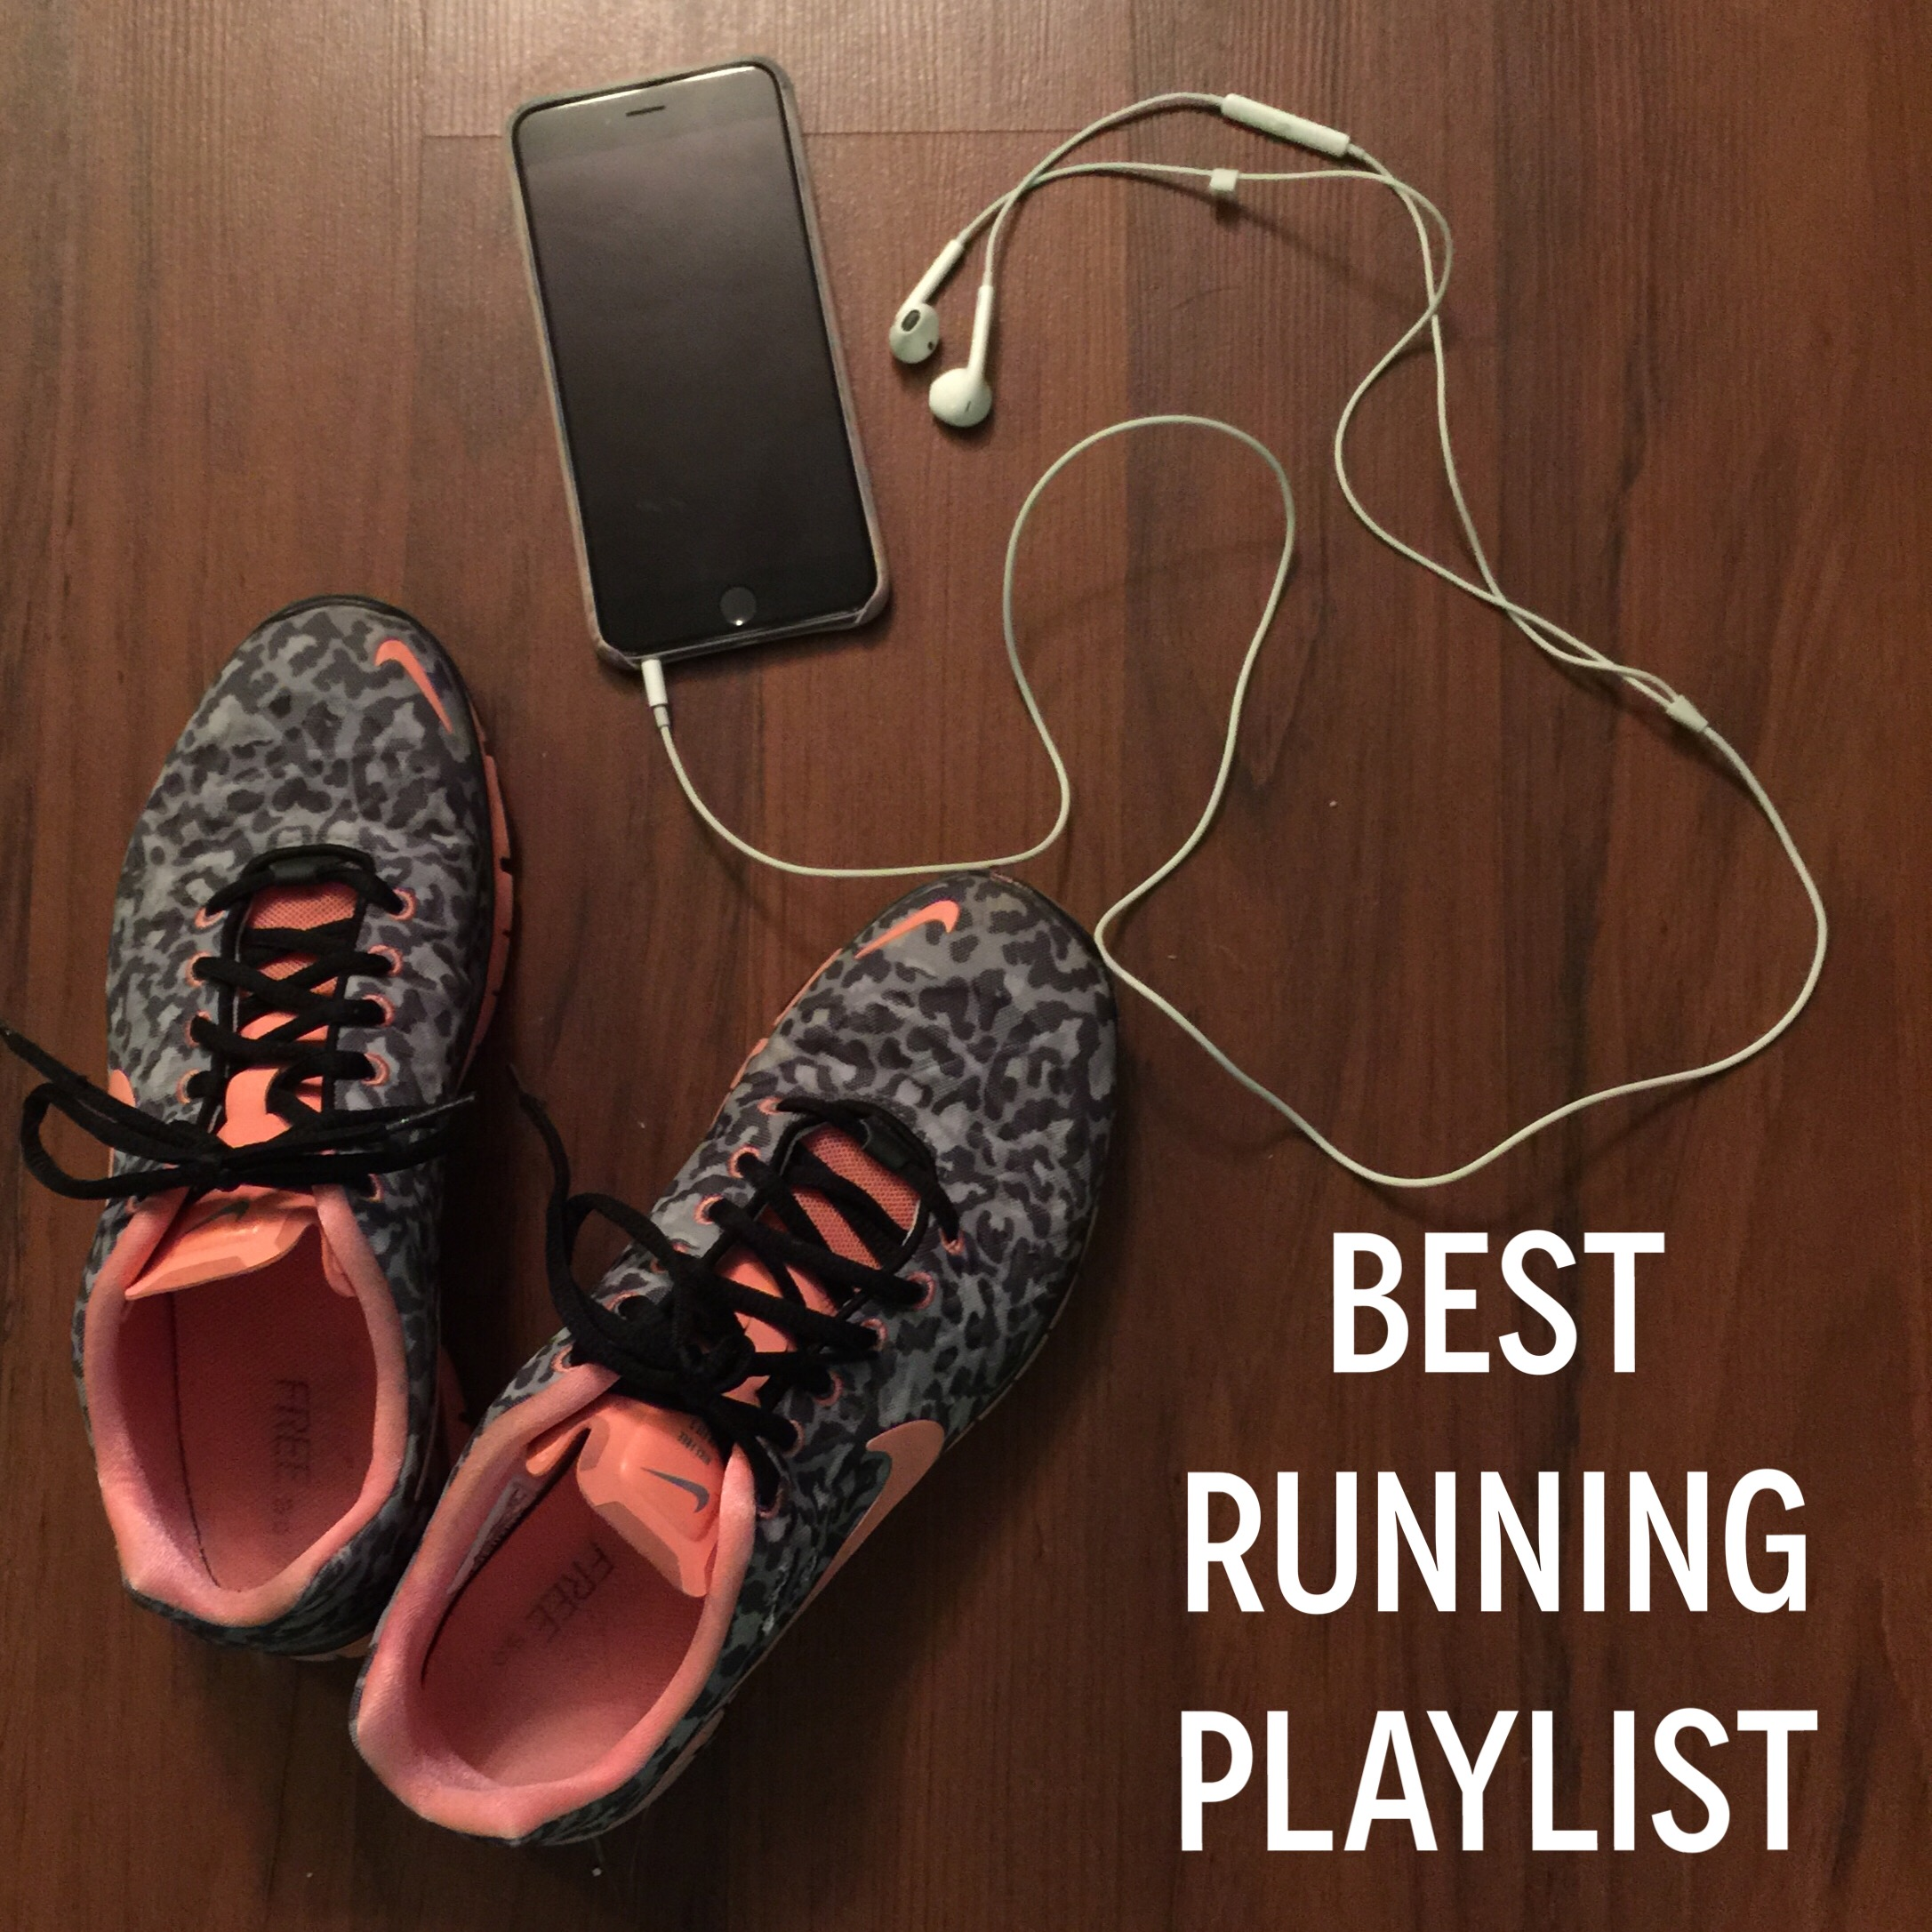 BEST RUNNING PLAYLIST